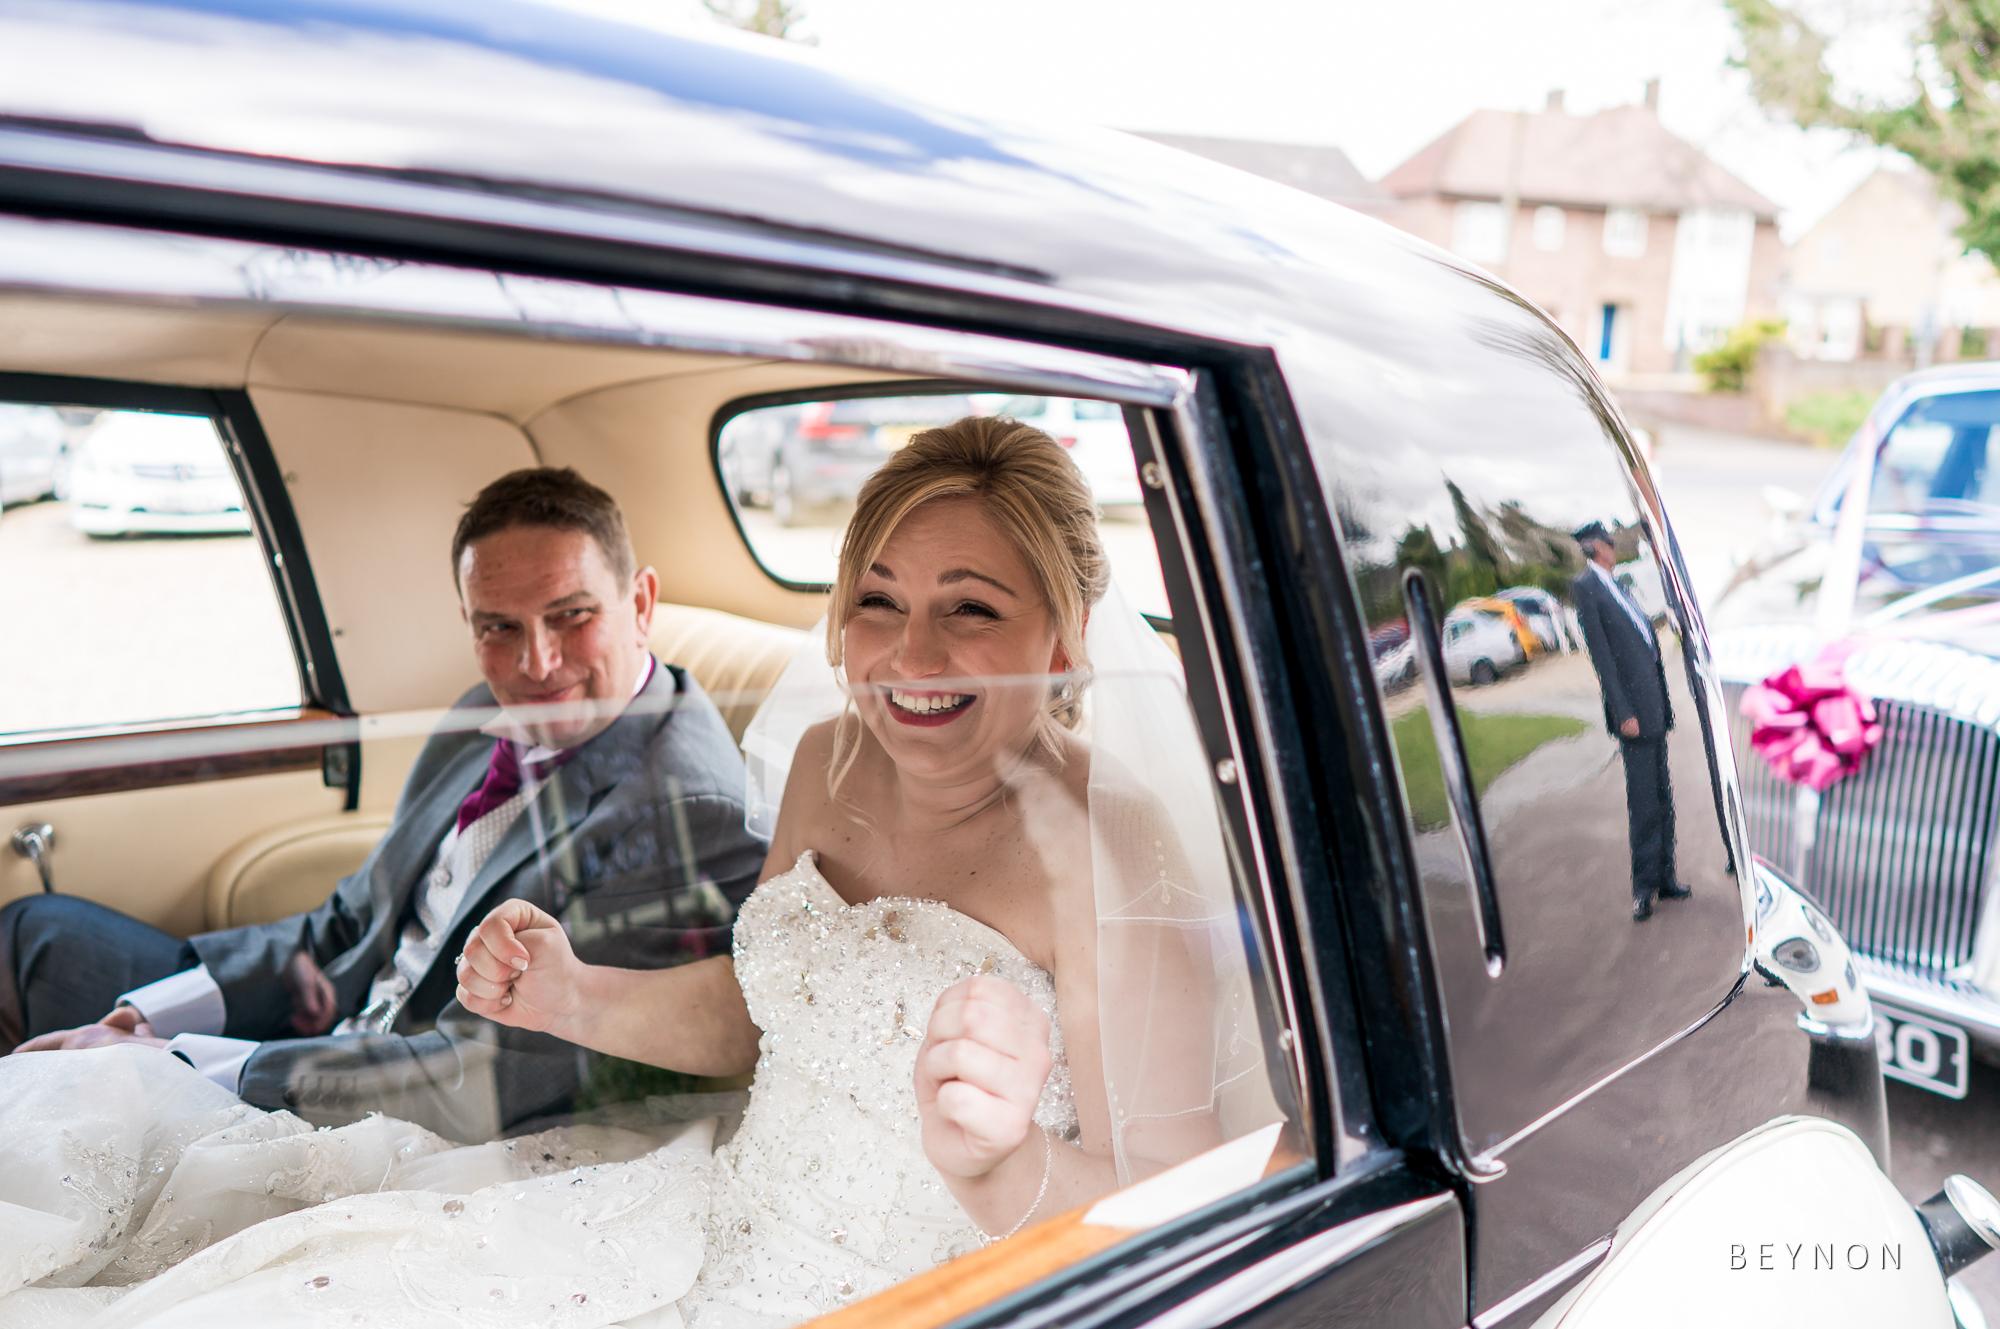 Smiling Bride in wedding car